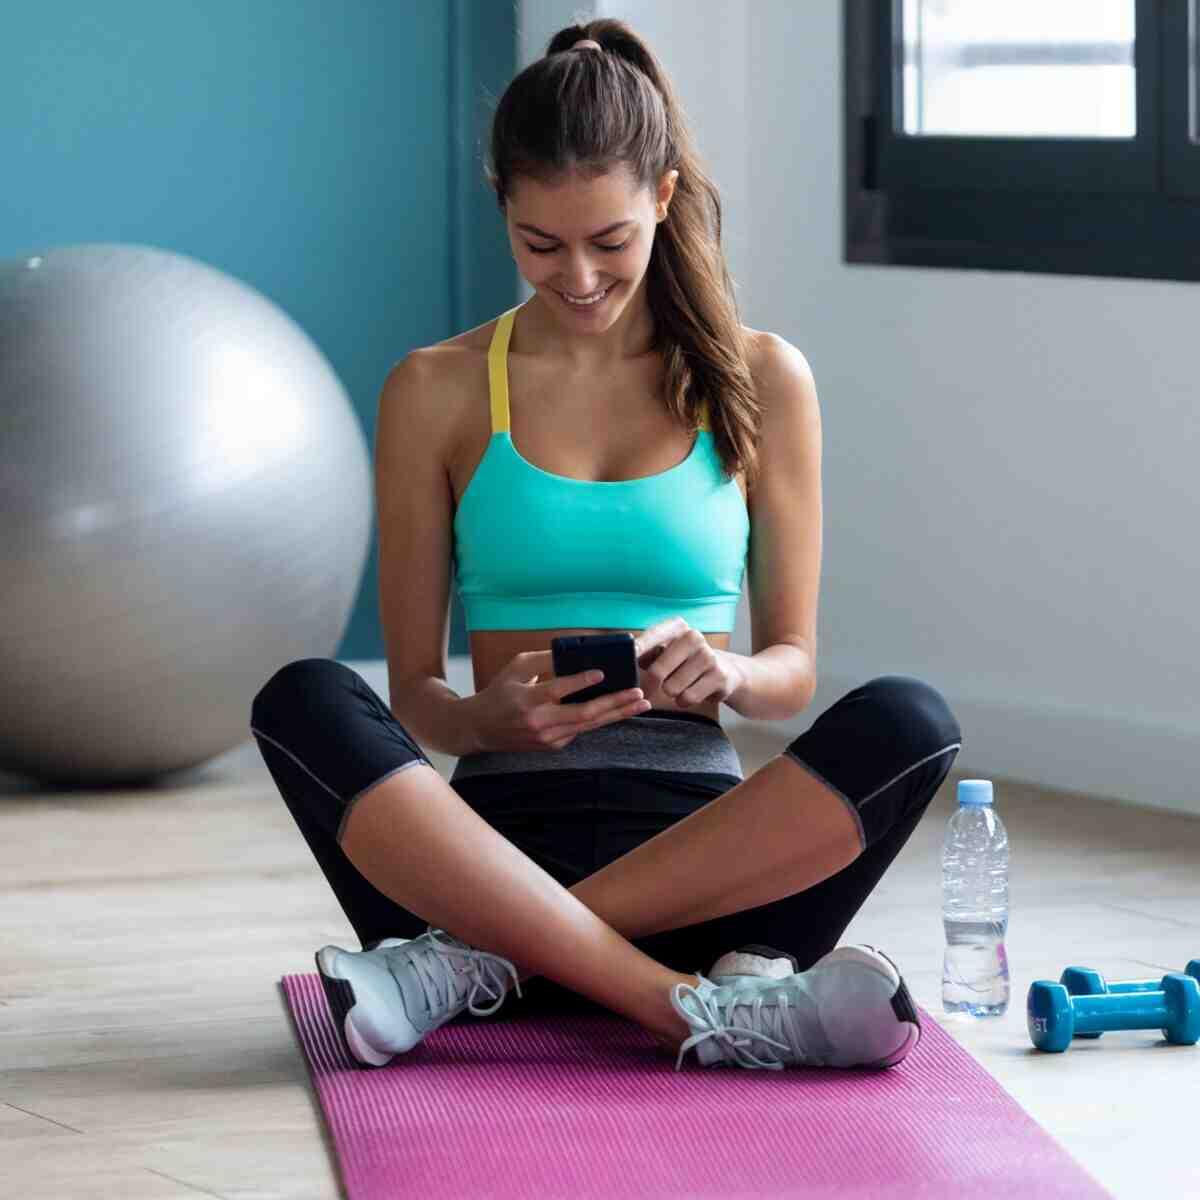 Le yoga perd-il du poids?